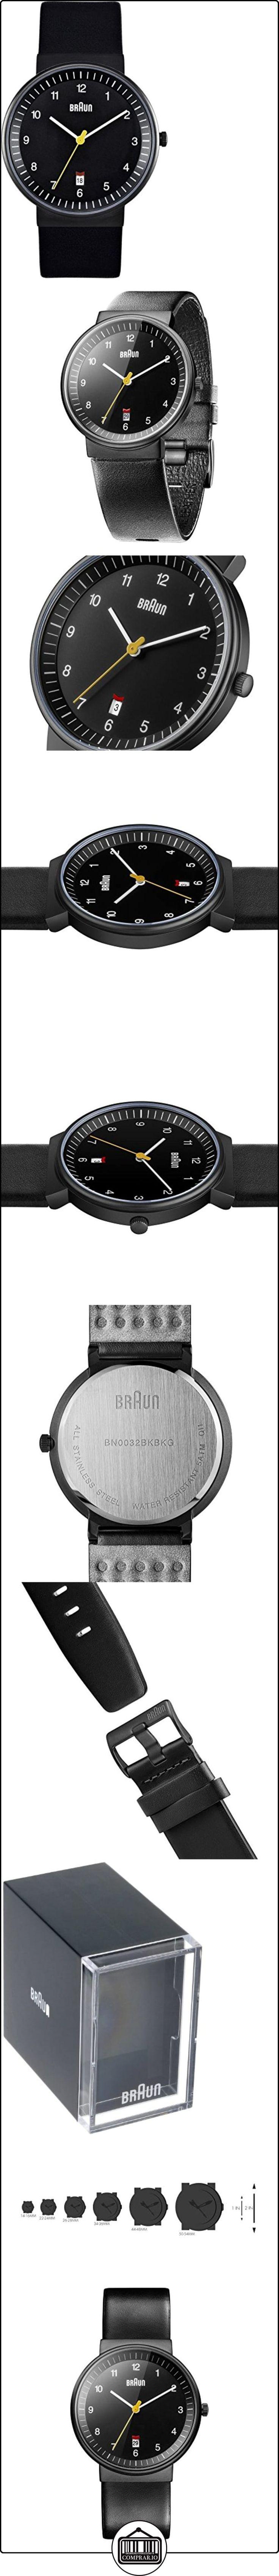 Braun BN0032BKBKG - Reloj analógico de caballero de cuarzo con correa de piel negra  ✿ Relojes para hombre - (Gama media/alta) ✿